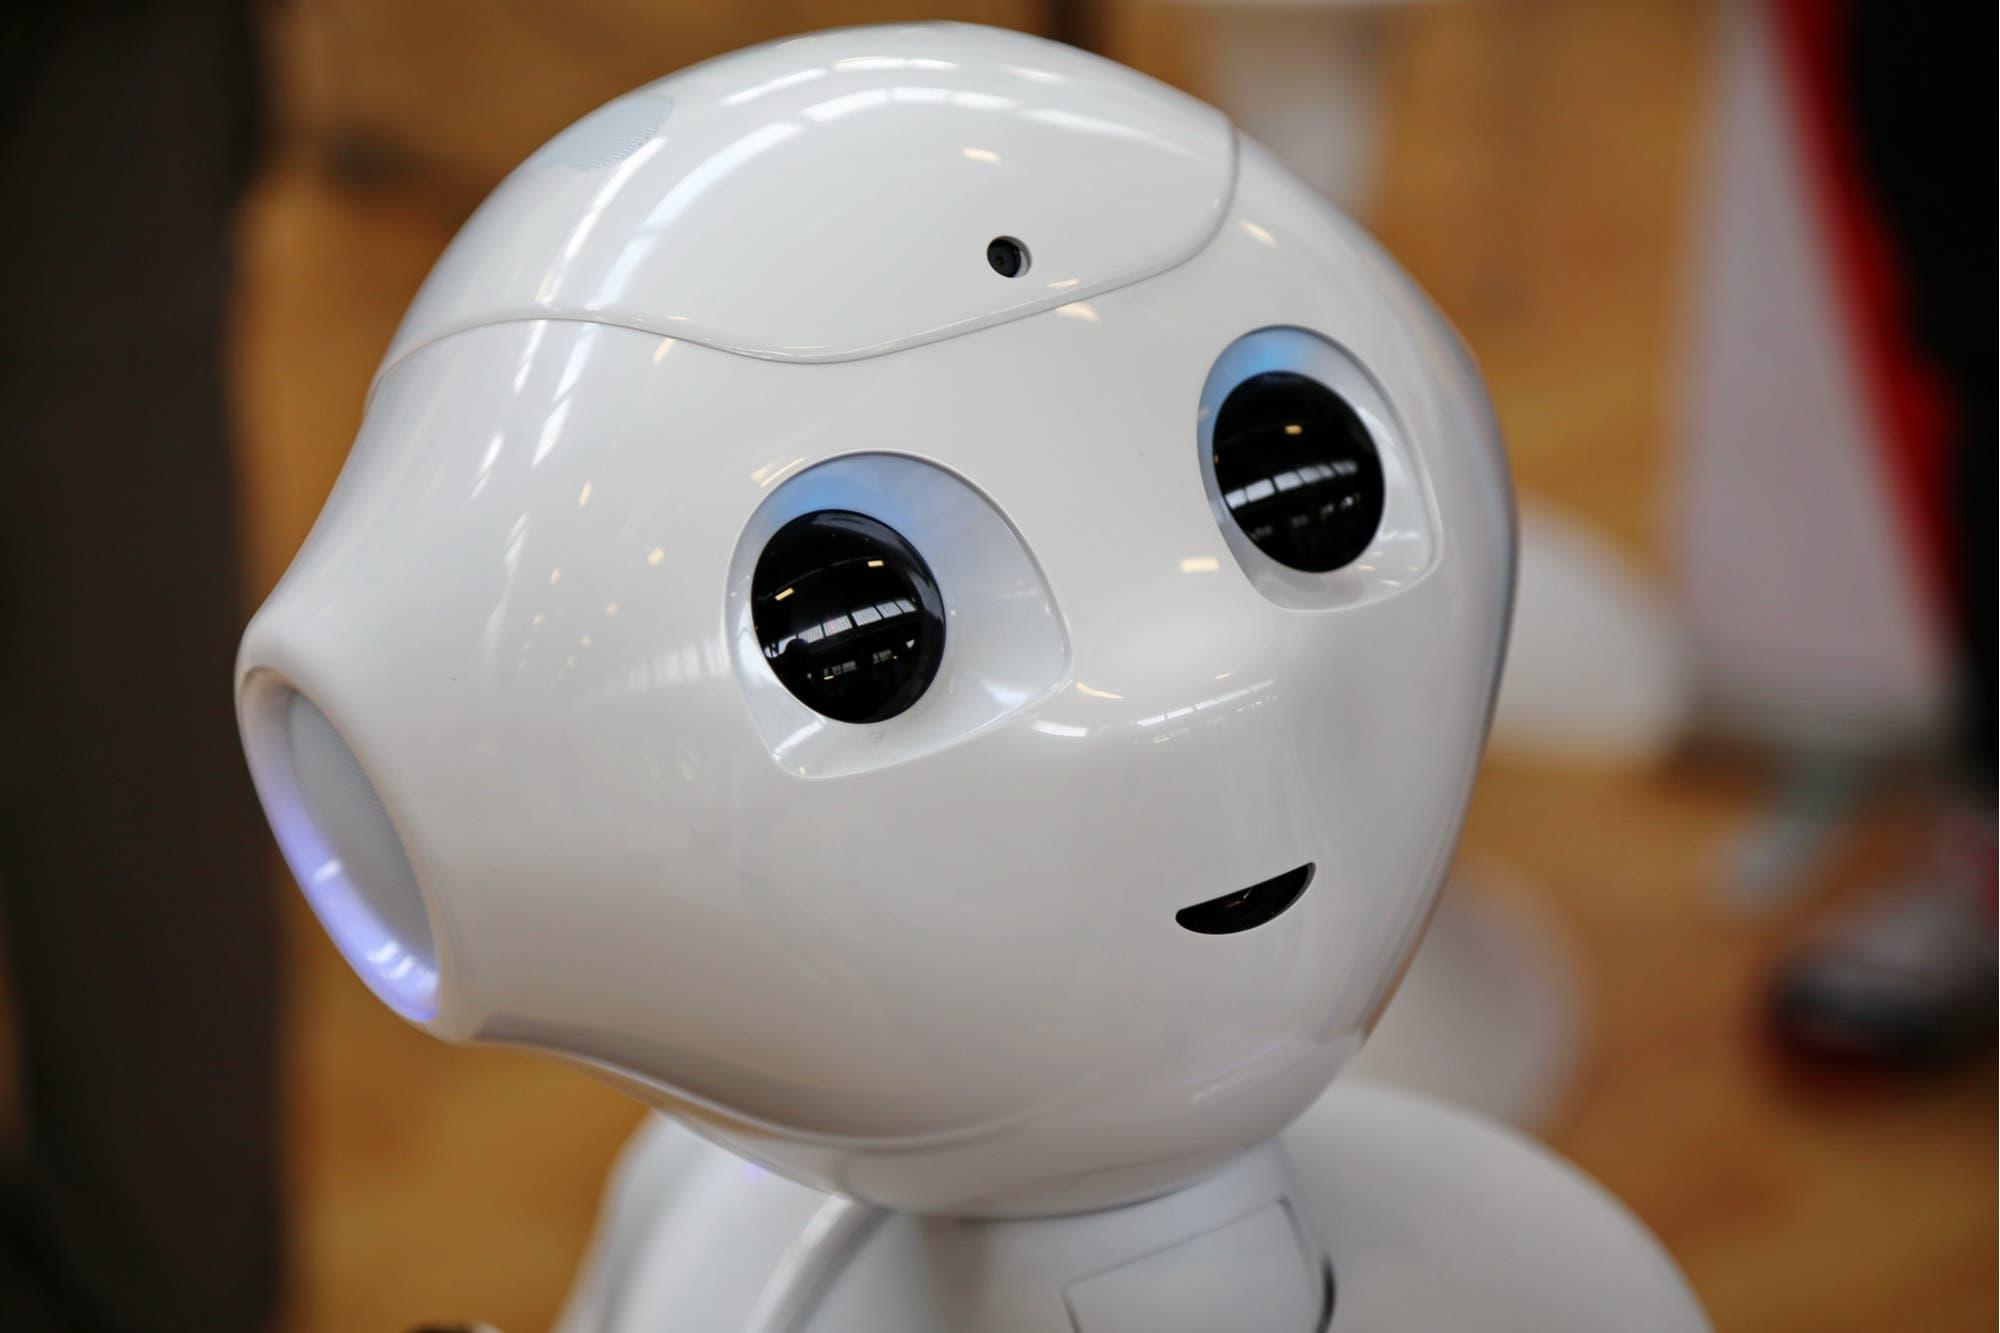 Juego sucio artificial: cuando un robot te insulta, también duele